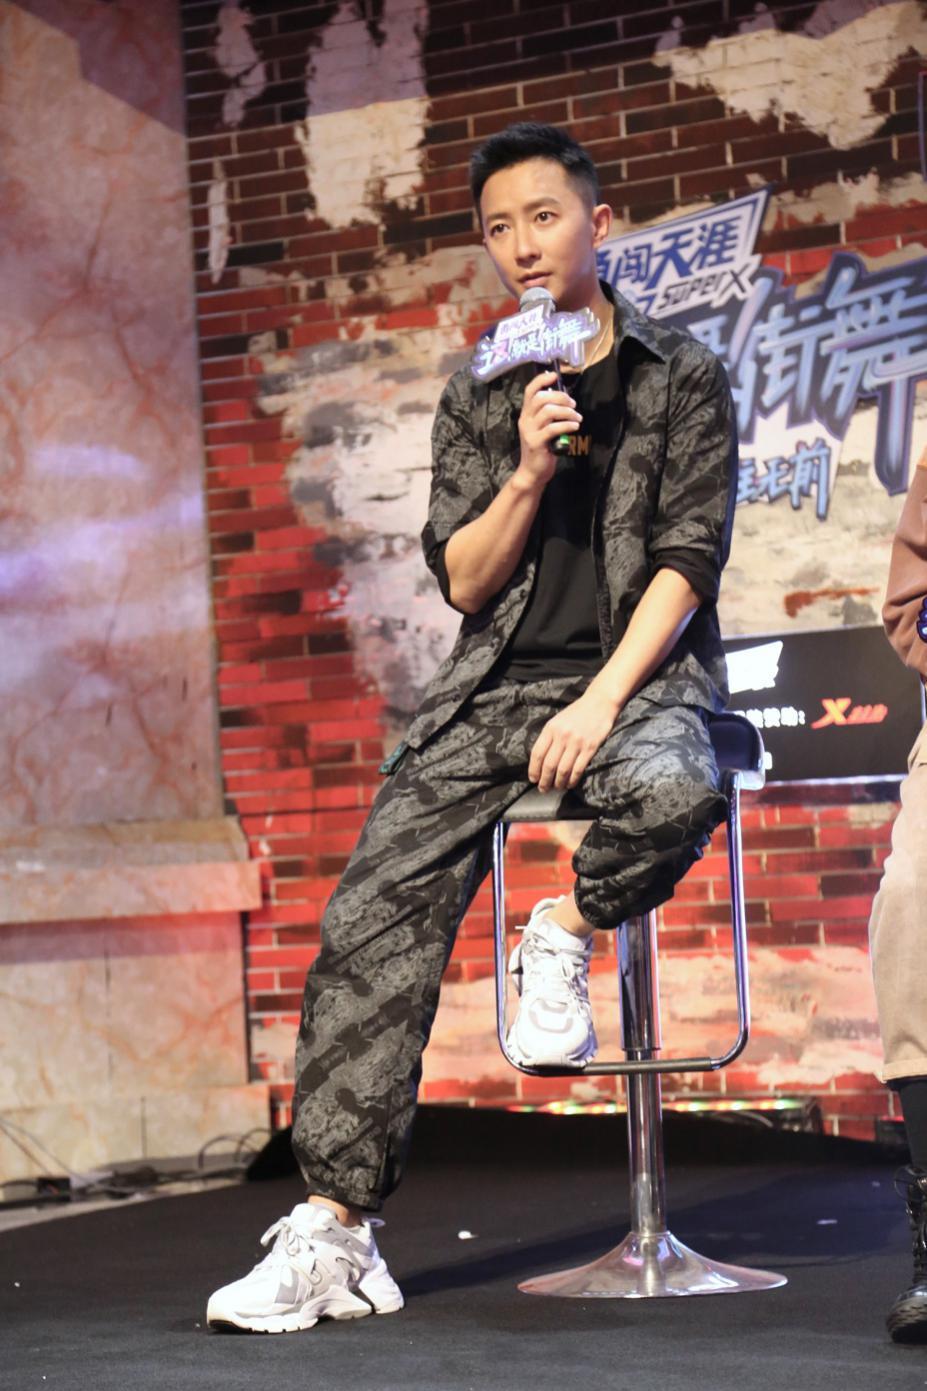 《这就是街舞》2来袭 韩庚曾精心pick  ASH登上舞台